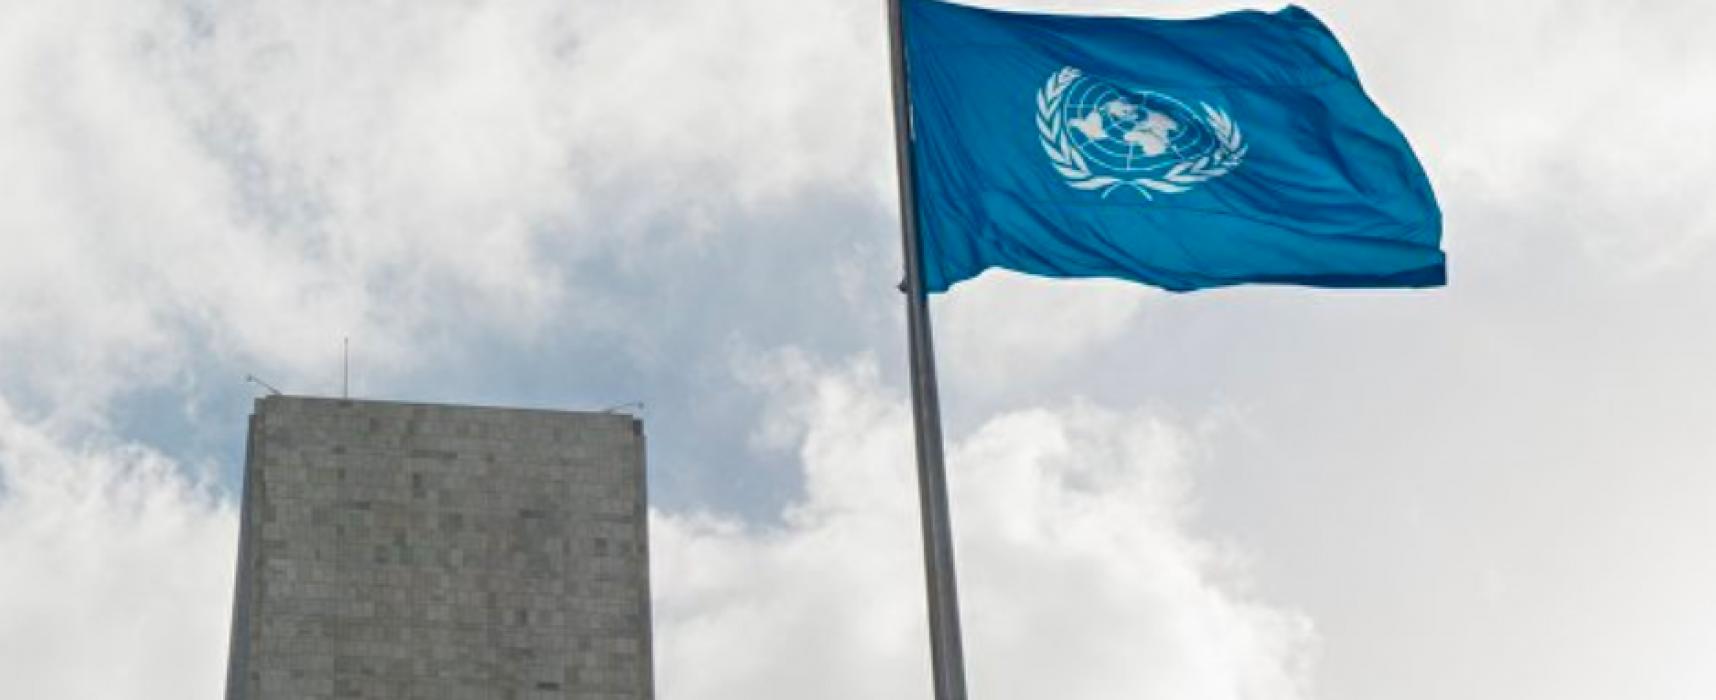 Фейк: Решението на трибунала на ООН за пленените украински моряци не е легитимно